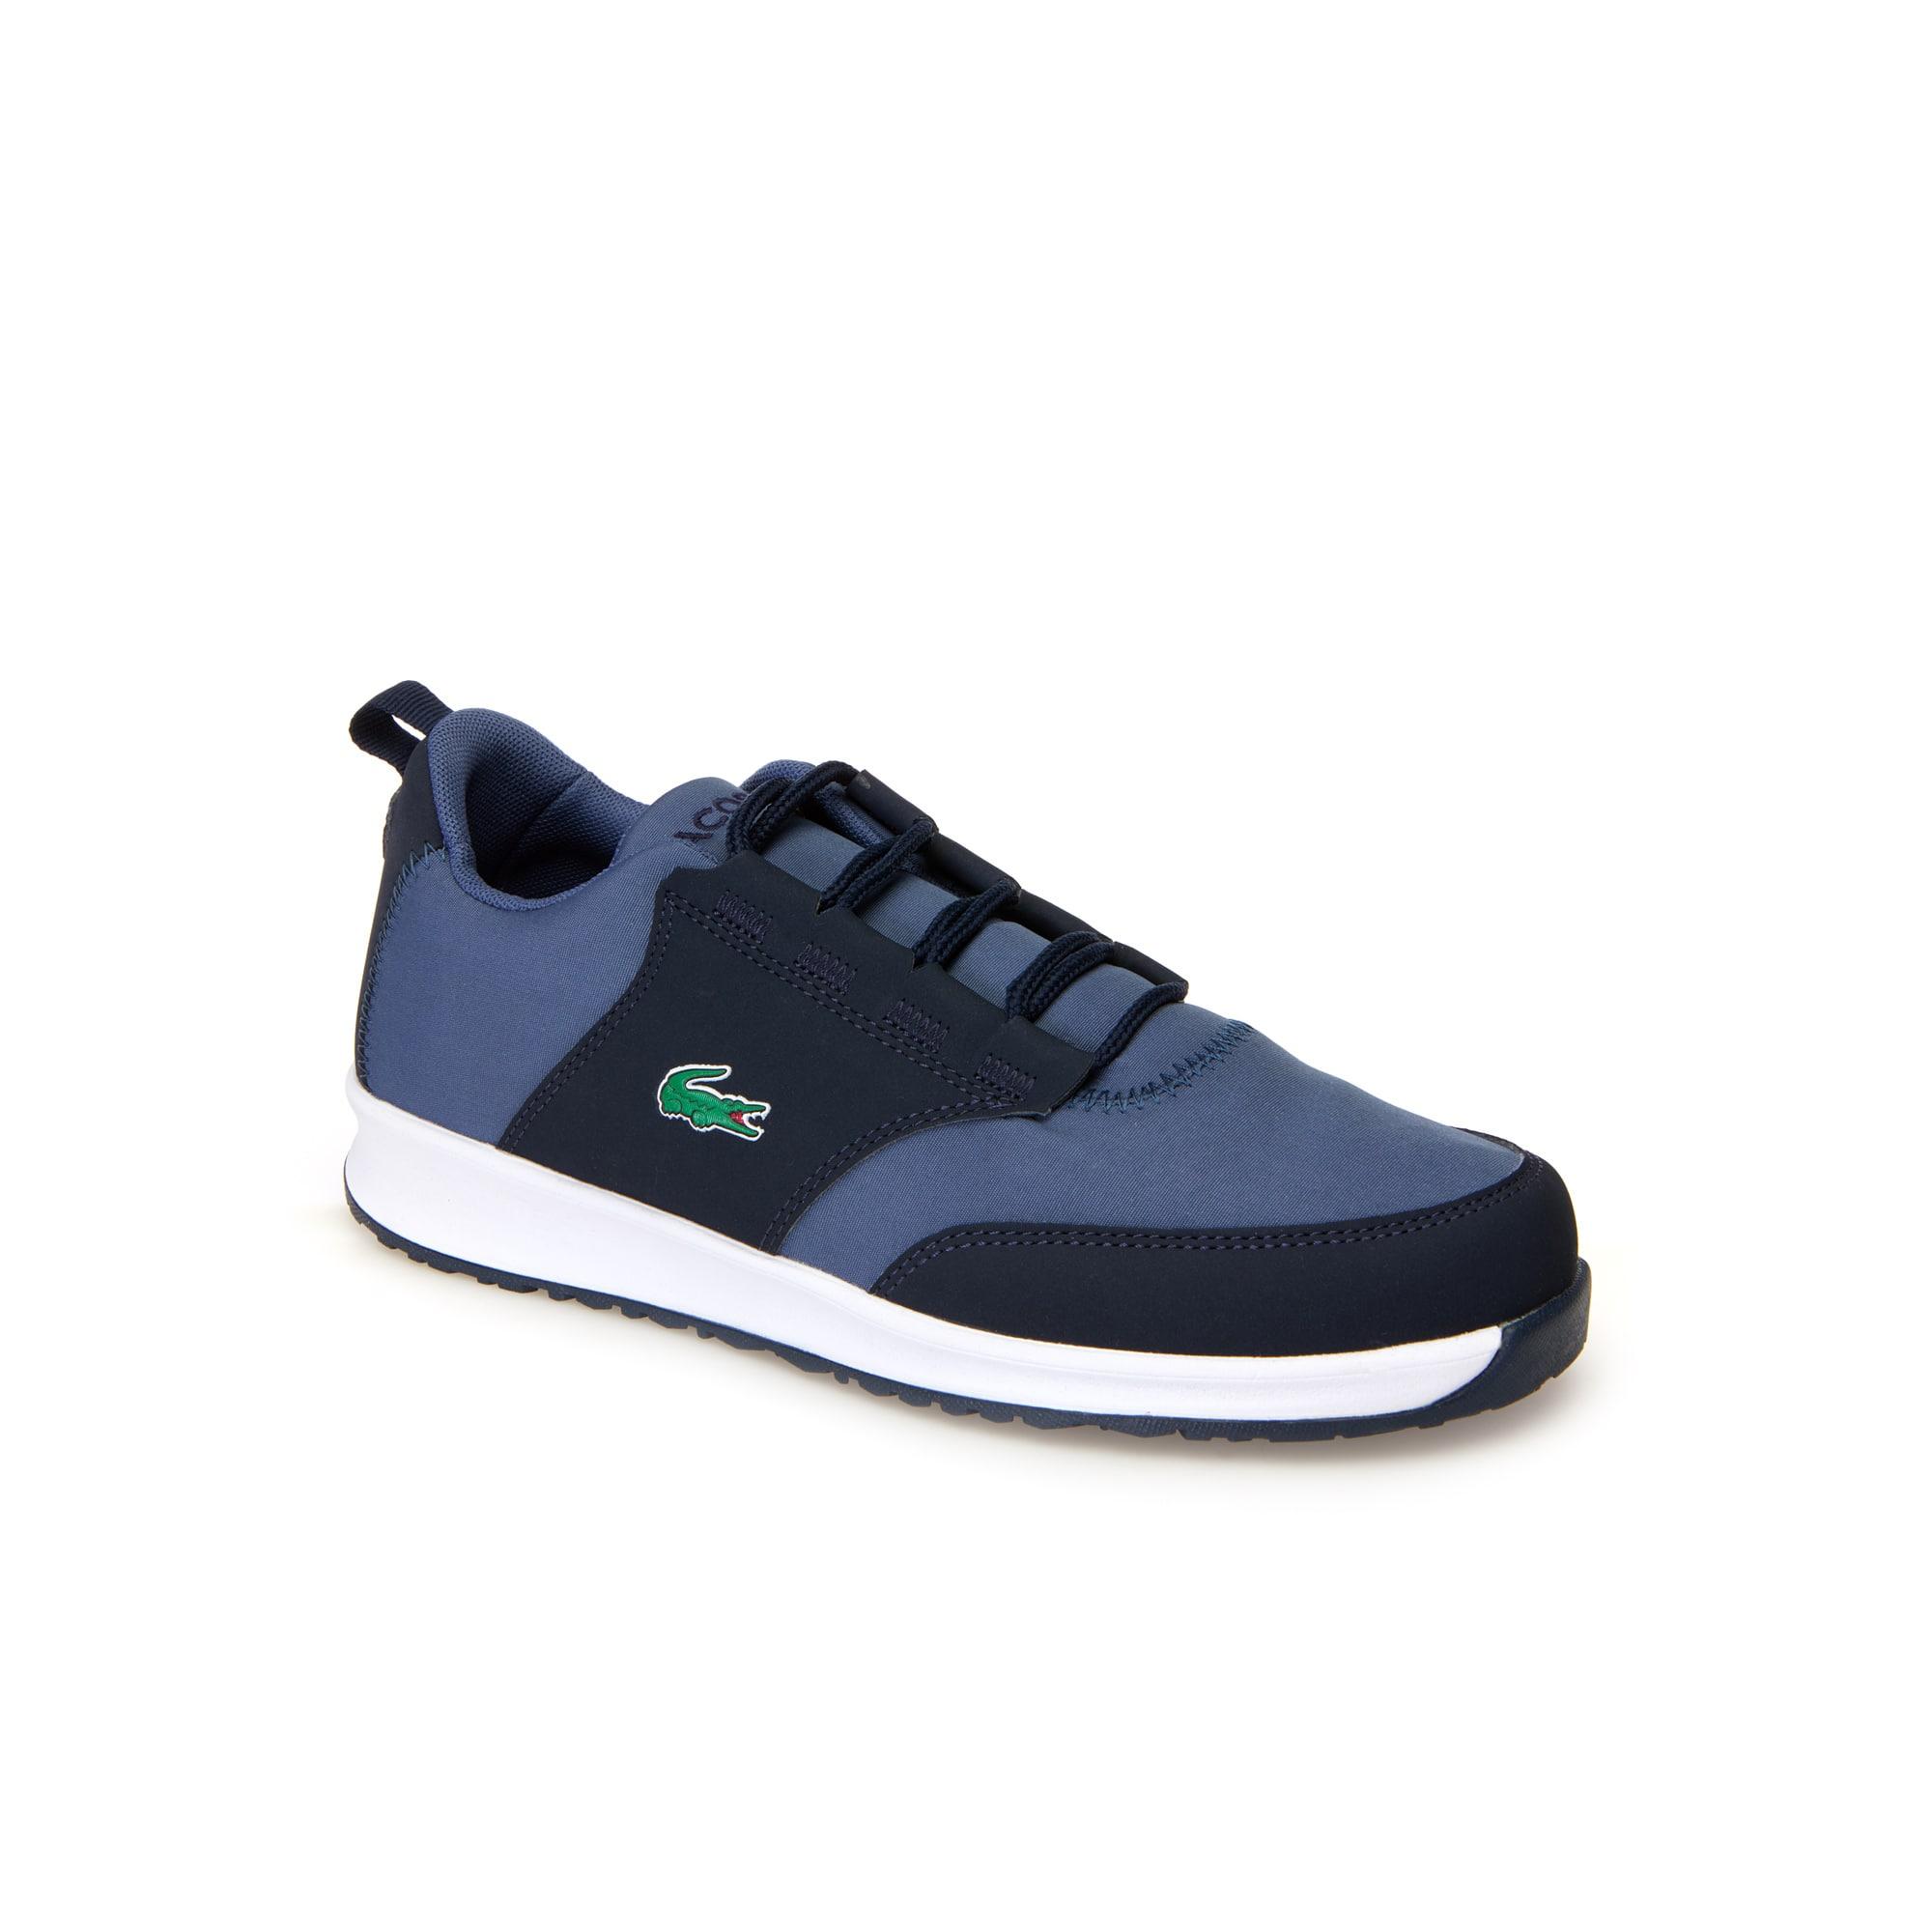 Zapatillas junior L.ight de material textil y sintético